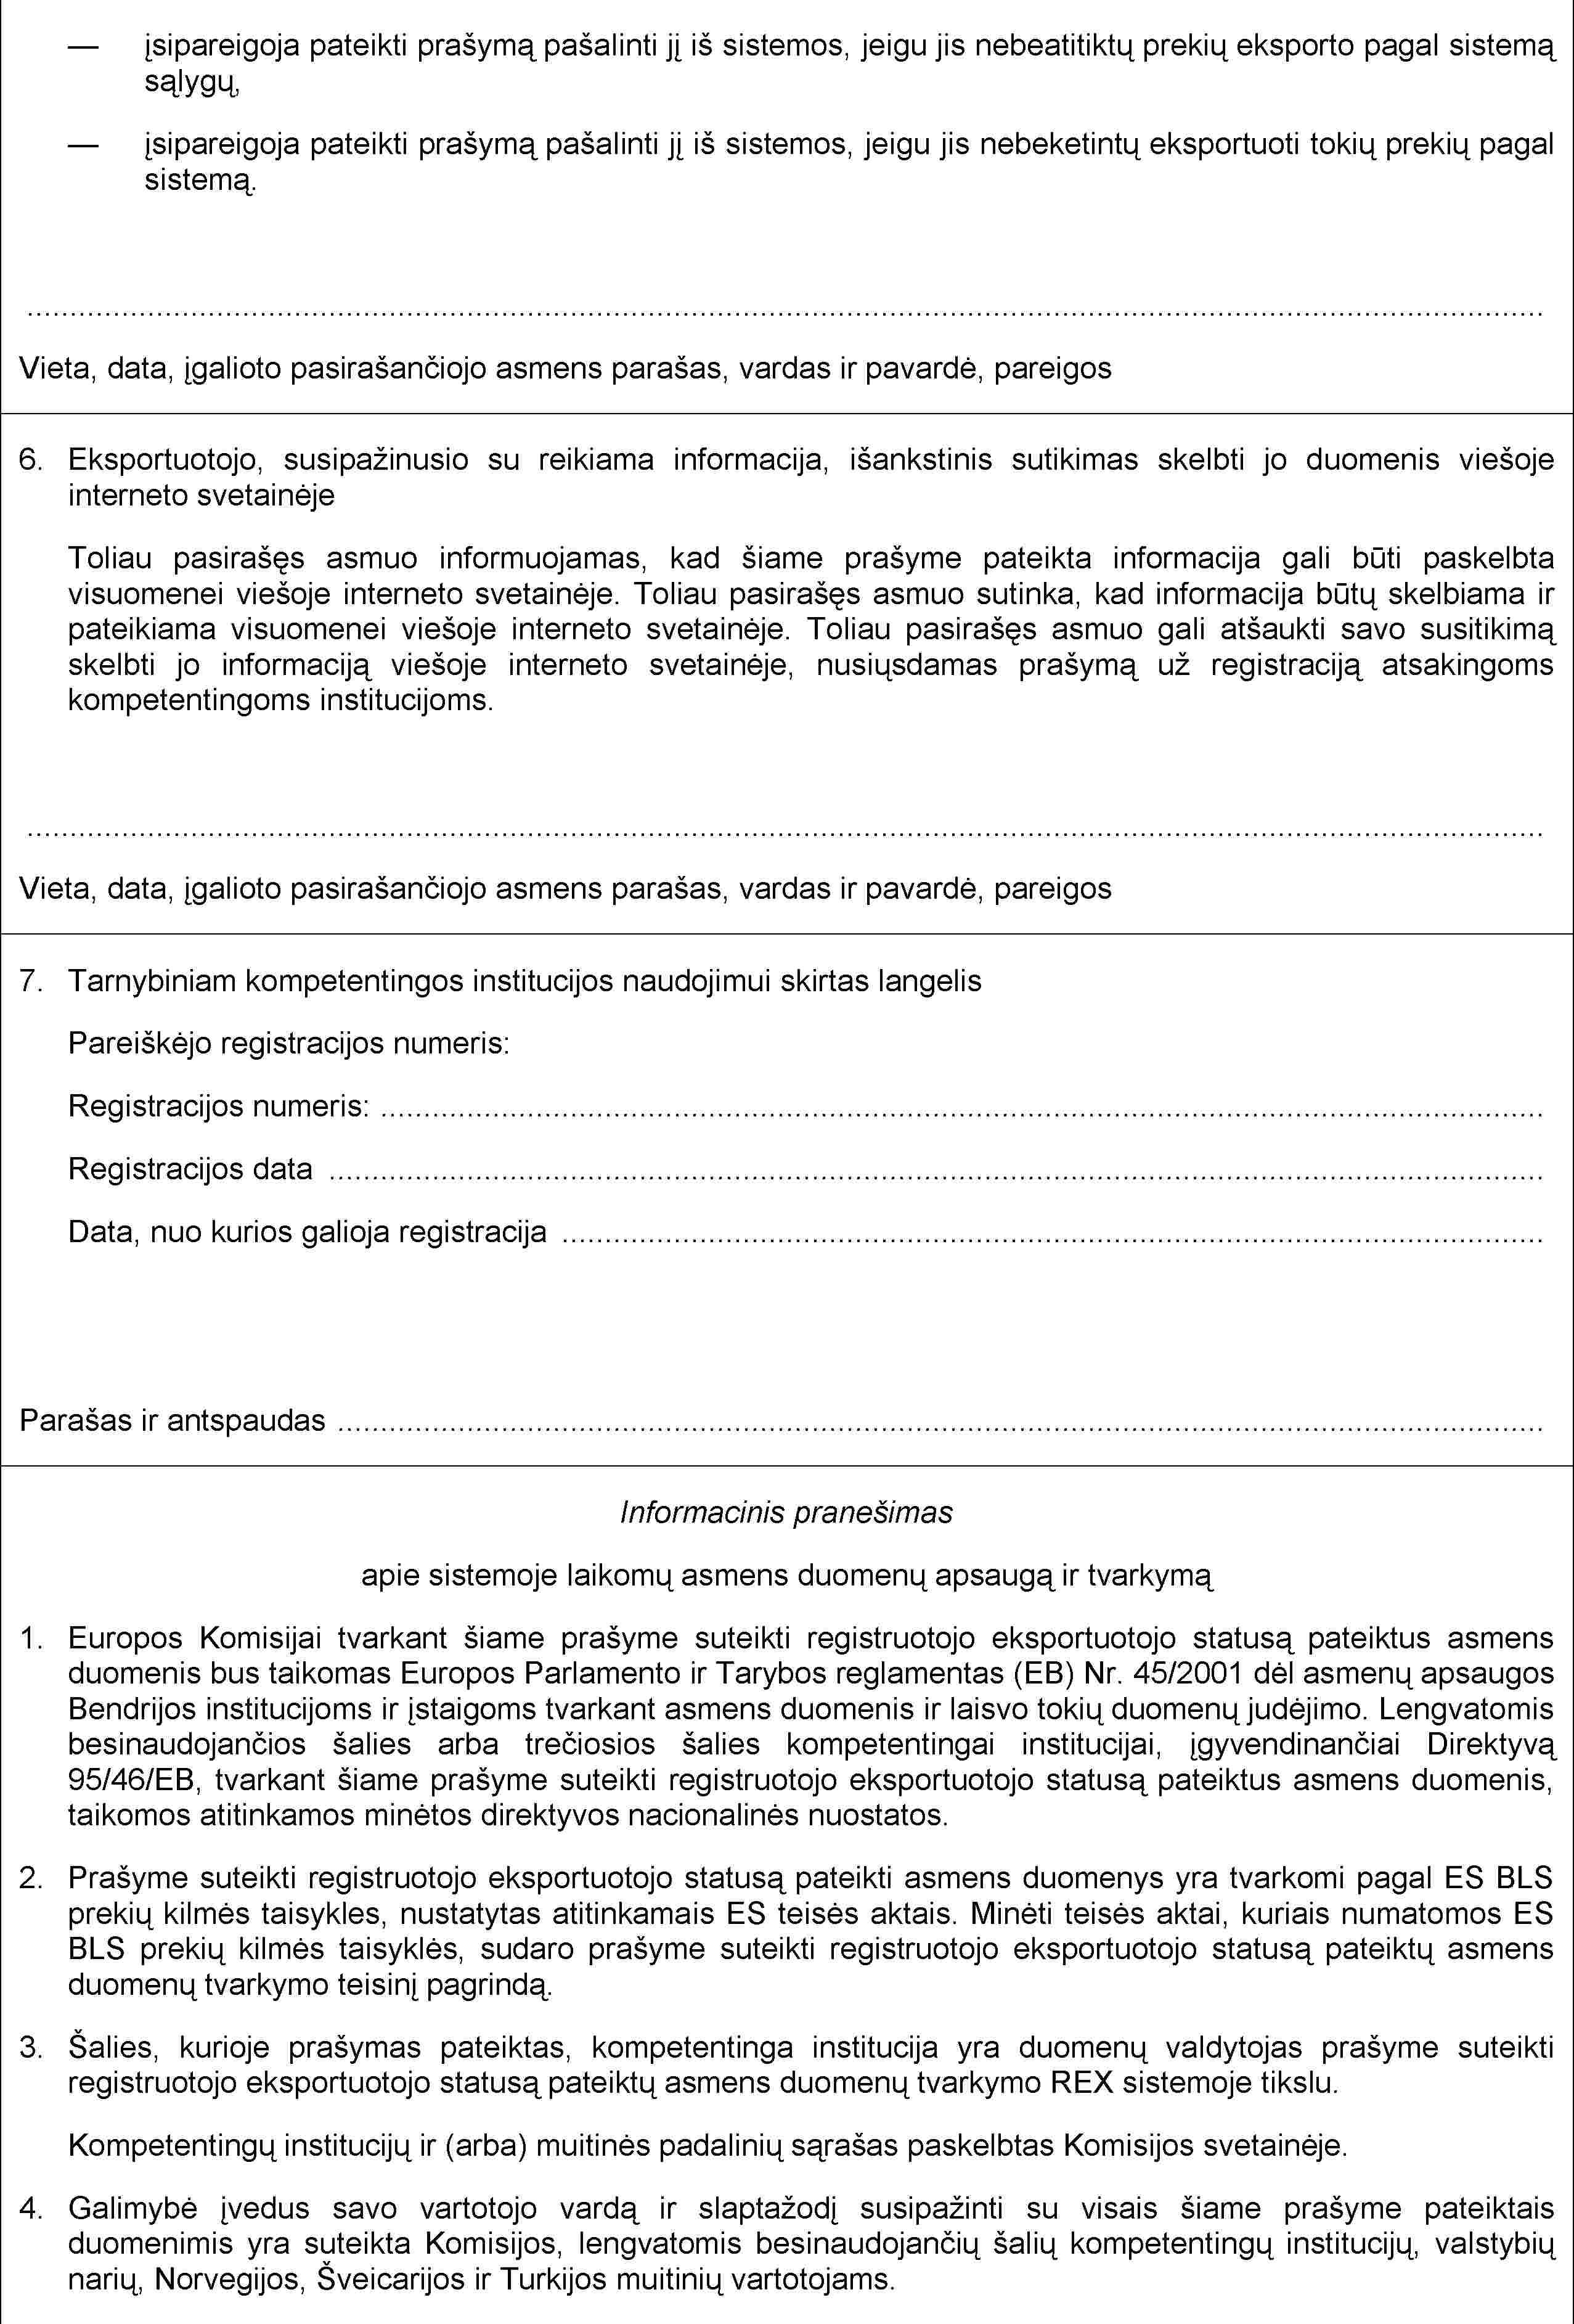 prekybos kontrolės ekspertų sistema pėdsakai)